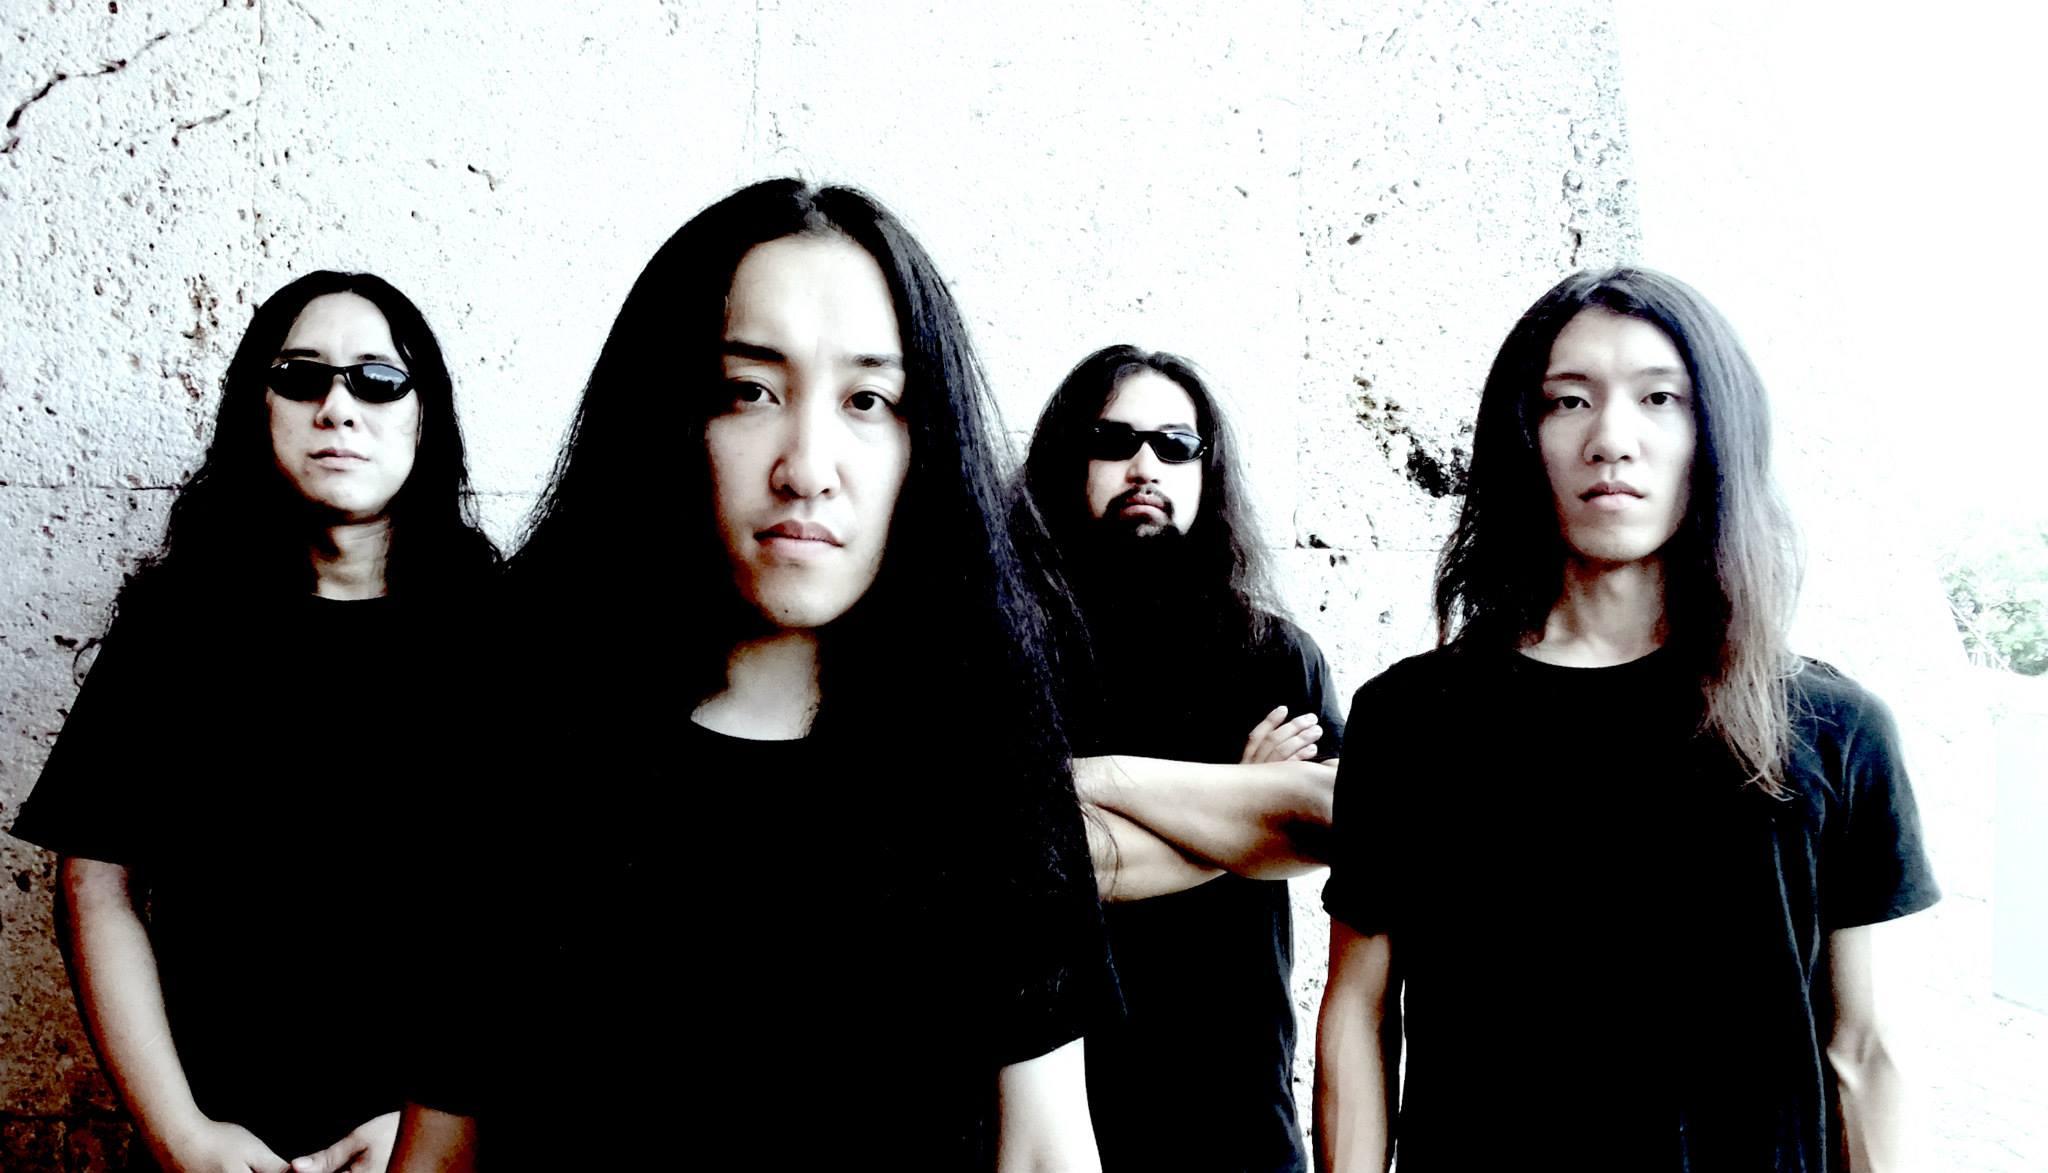 Asian metal bands photo 266